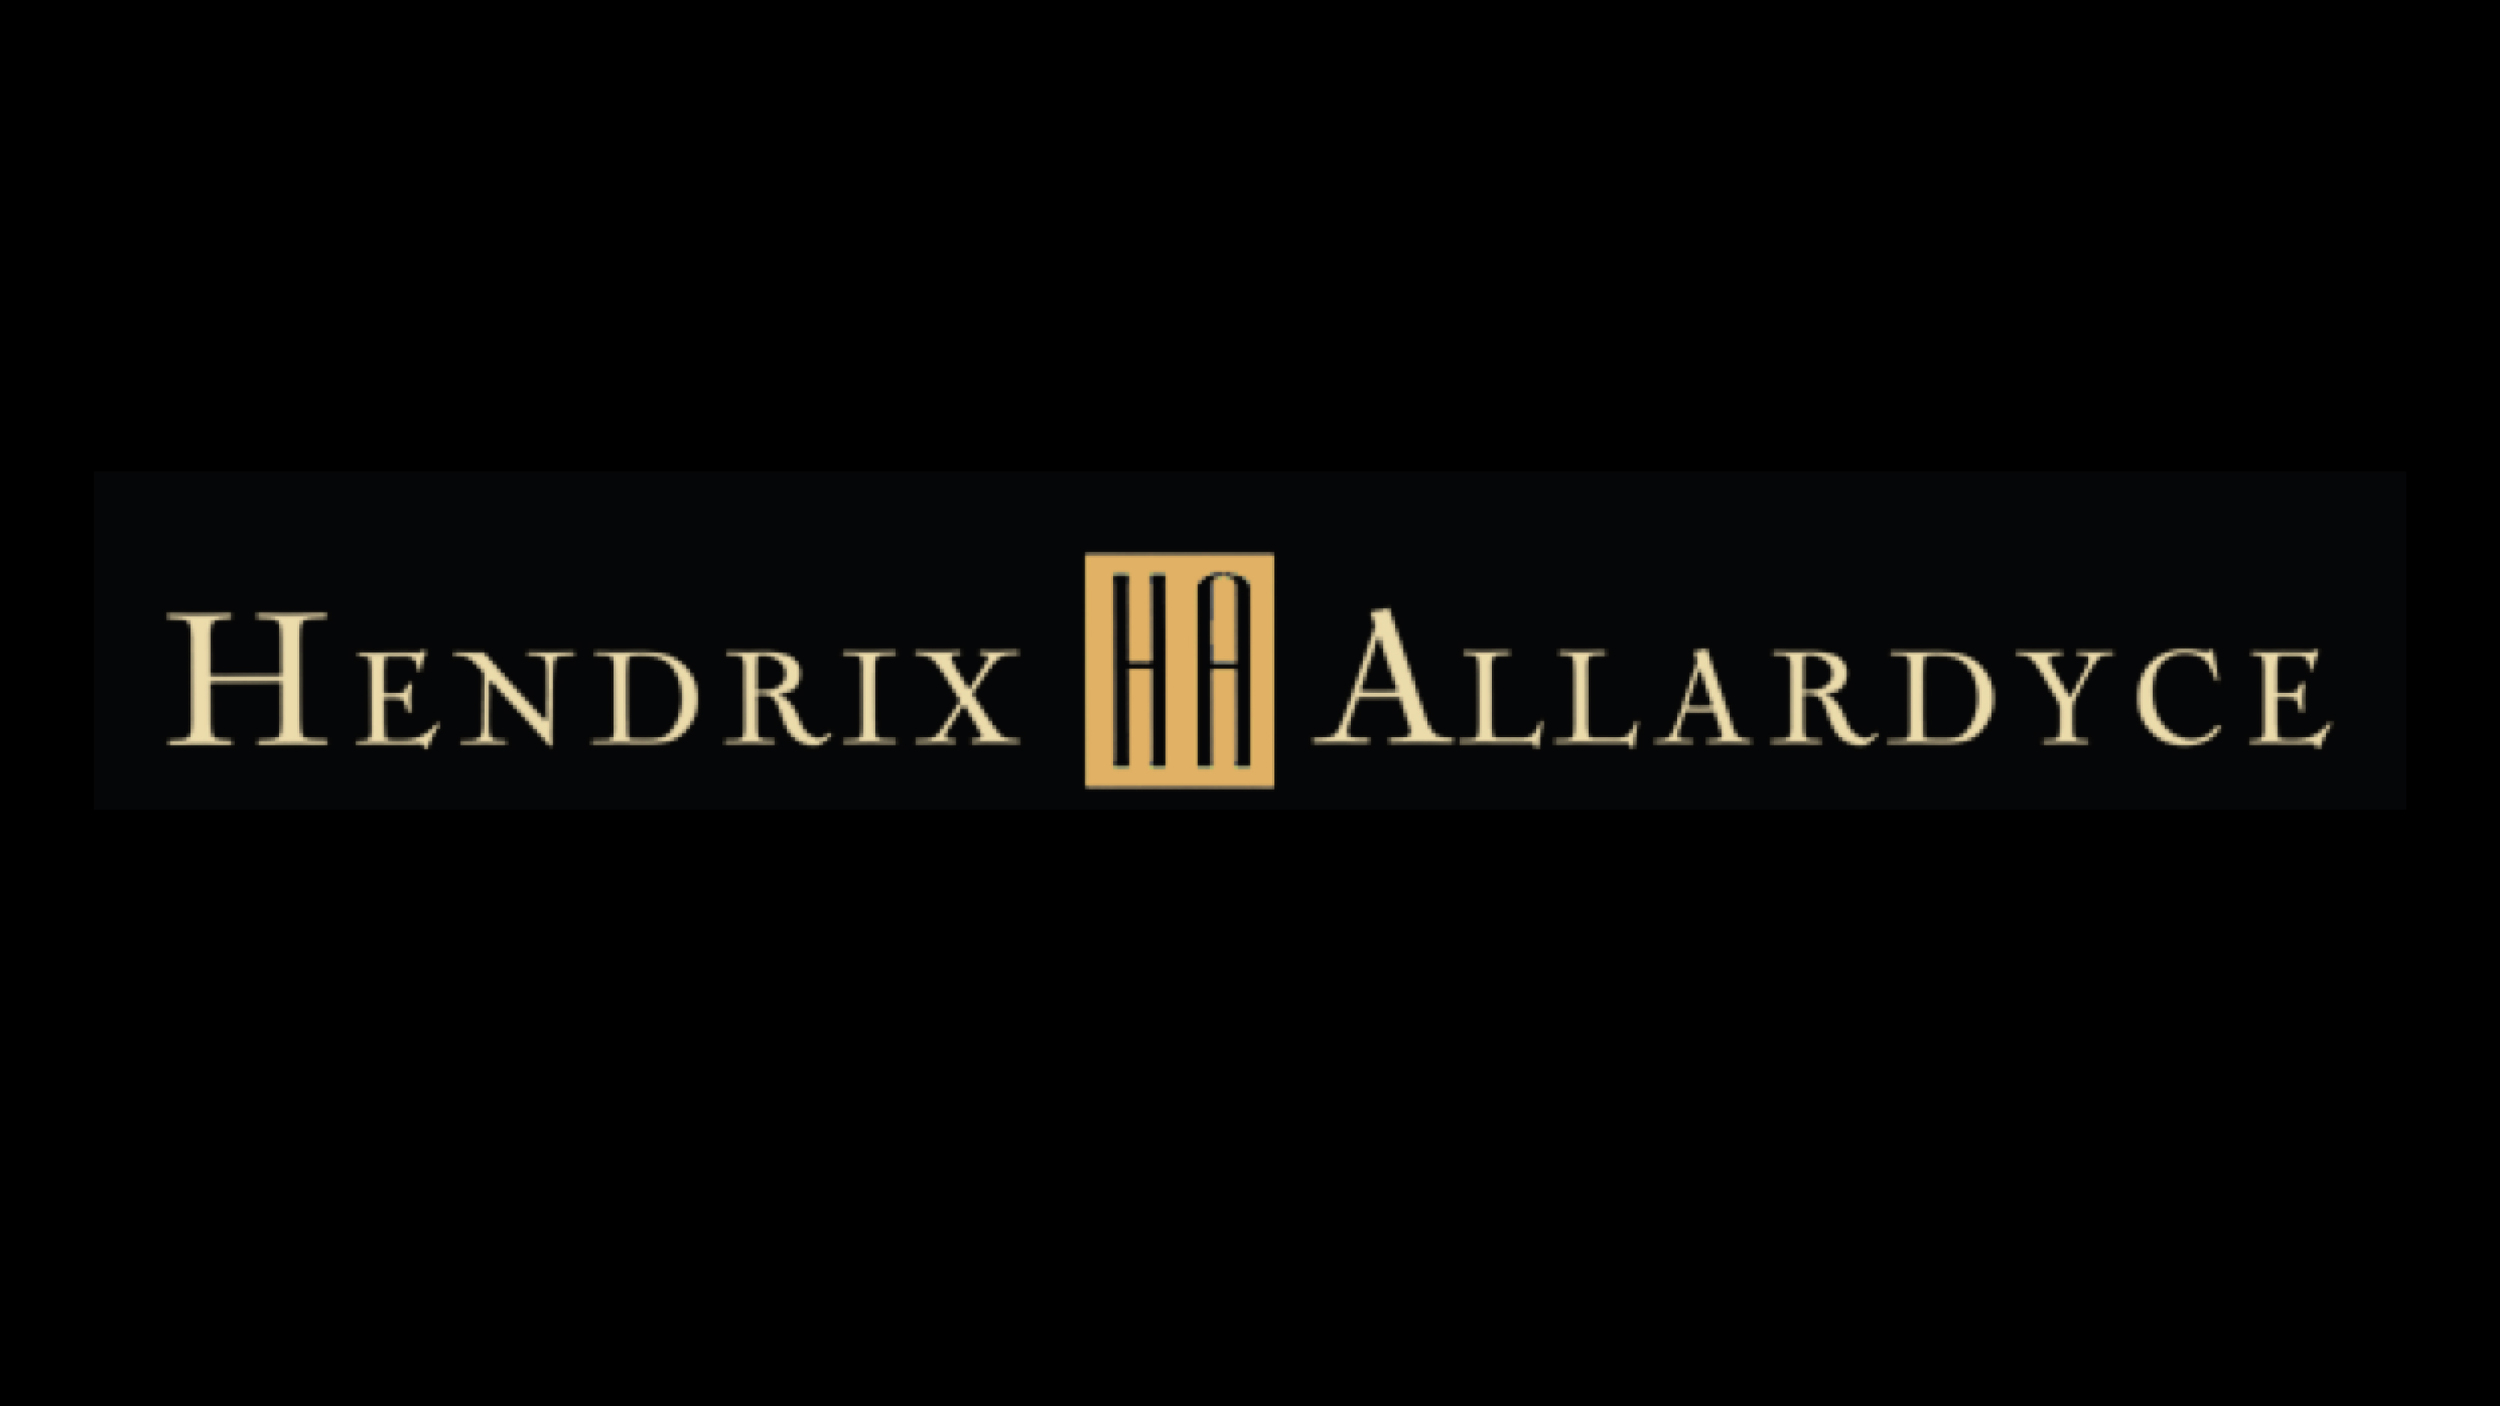 Hendrix/Allardyce